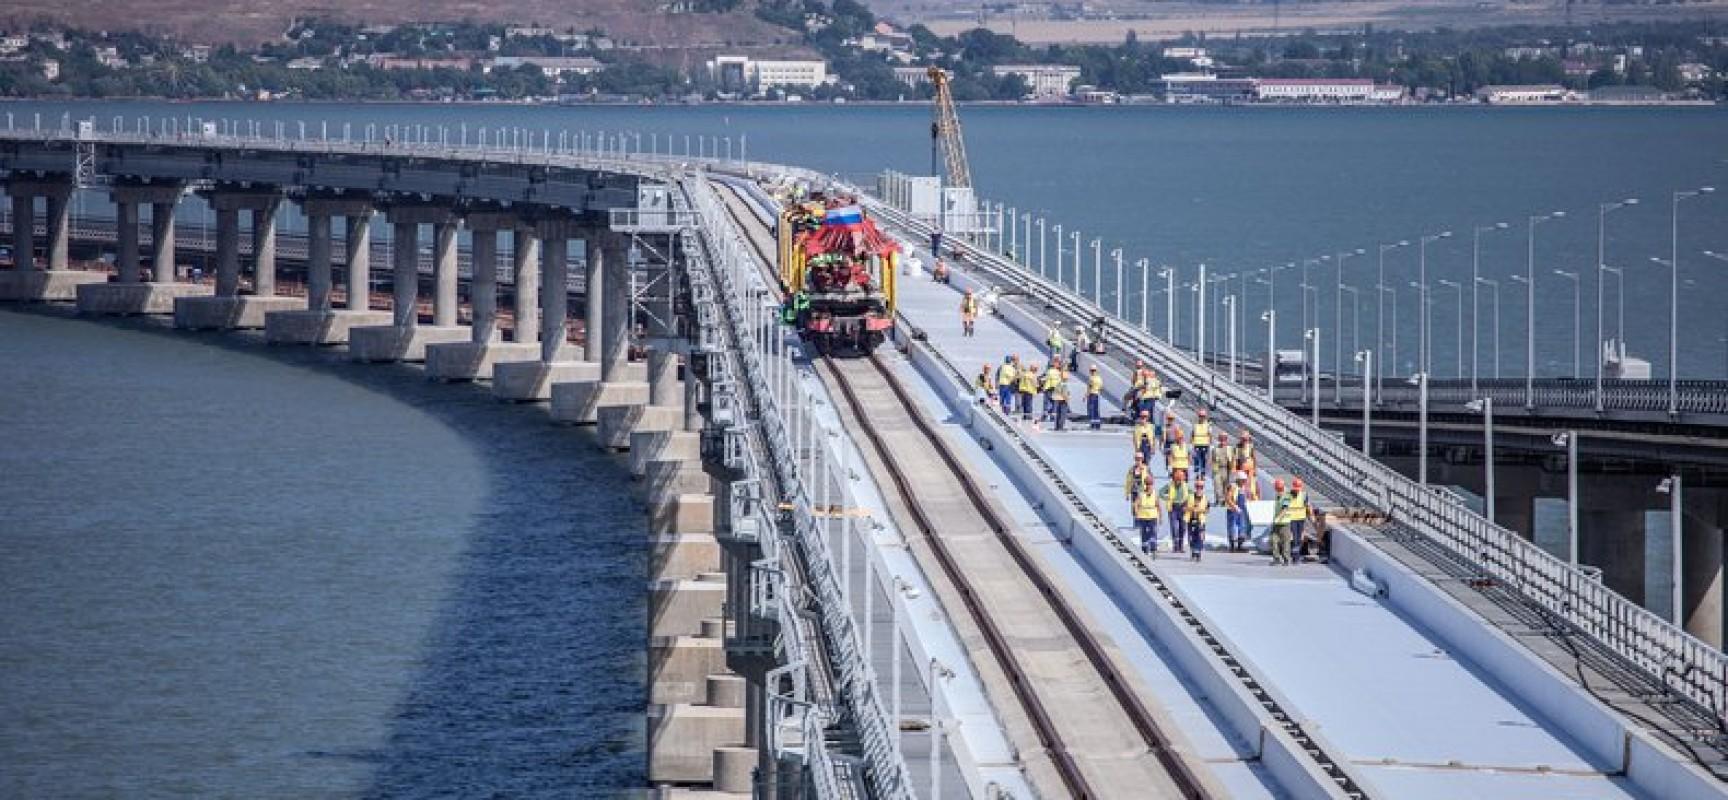 Строители завершили укладку звеньев из шпал и рельсов на первом пути моста через Керченский пролив